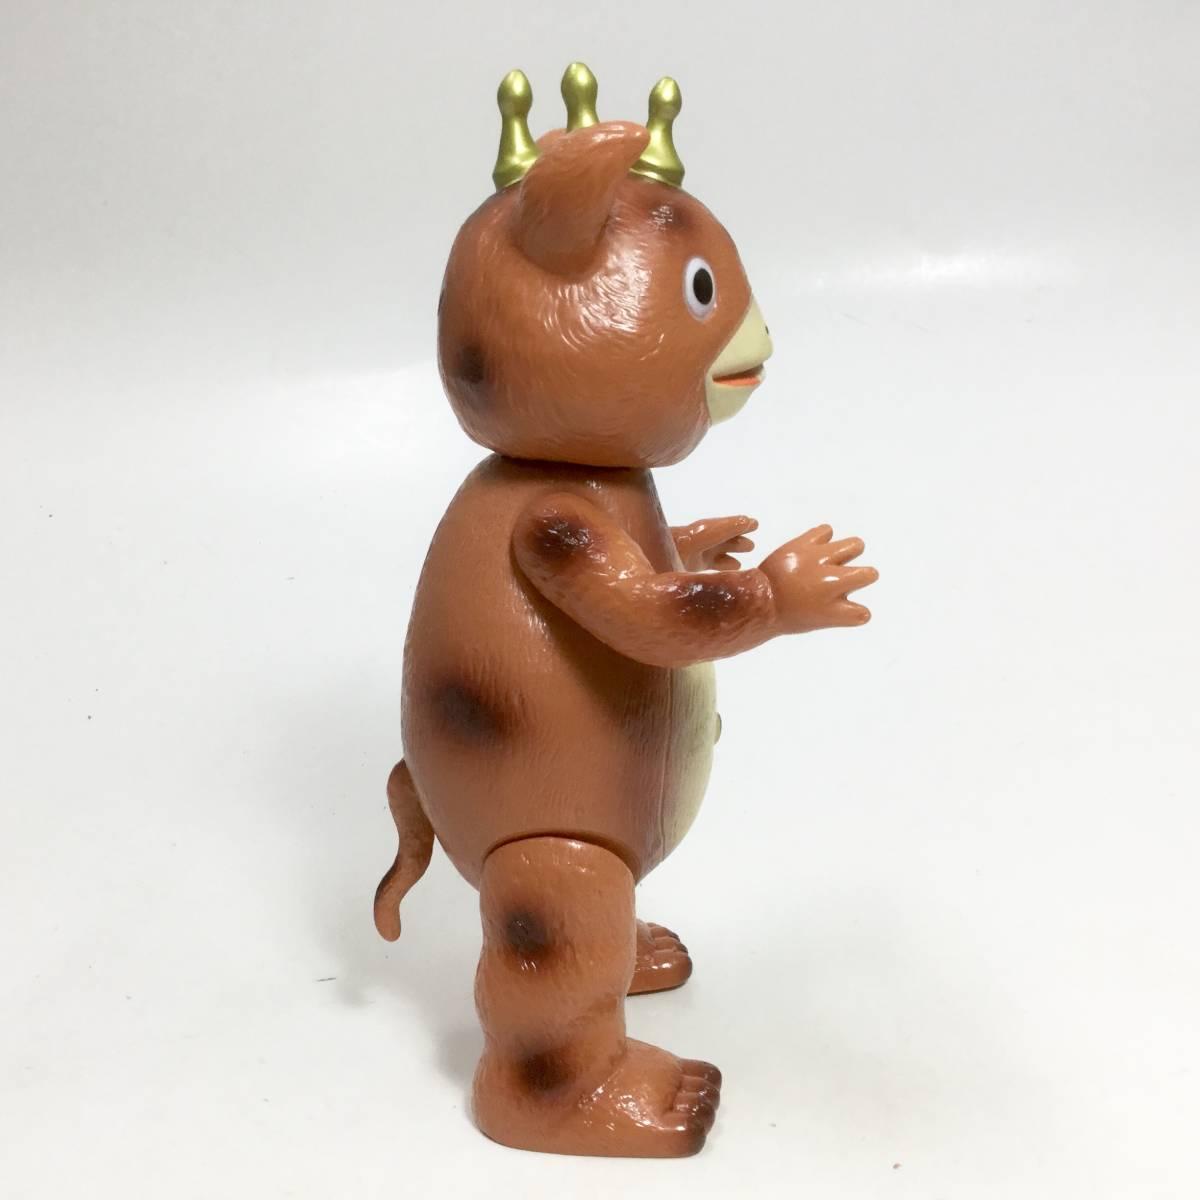 ブースカ ソフビ スタンダードサイズ イヌクマ フィギュア 1960年代 キャラクター レトロ ビンテージ 円谷プロ 快獣 怪獣 _画像6